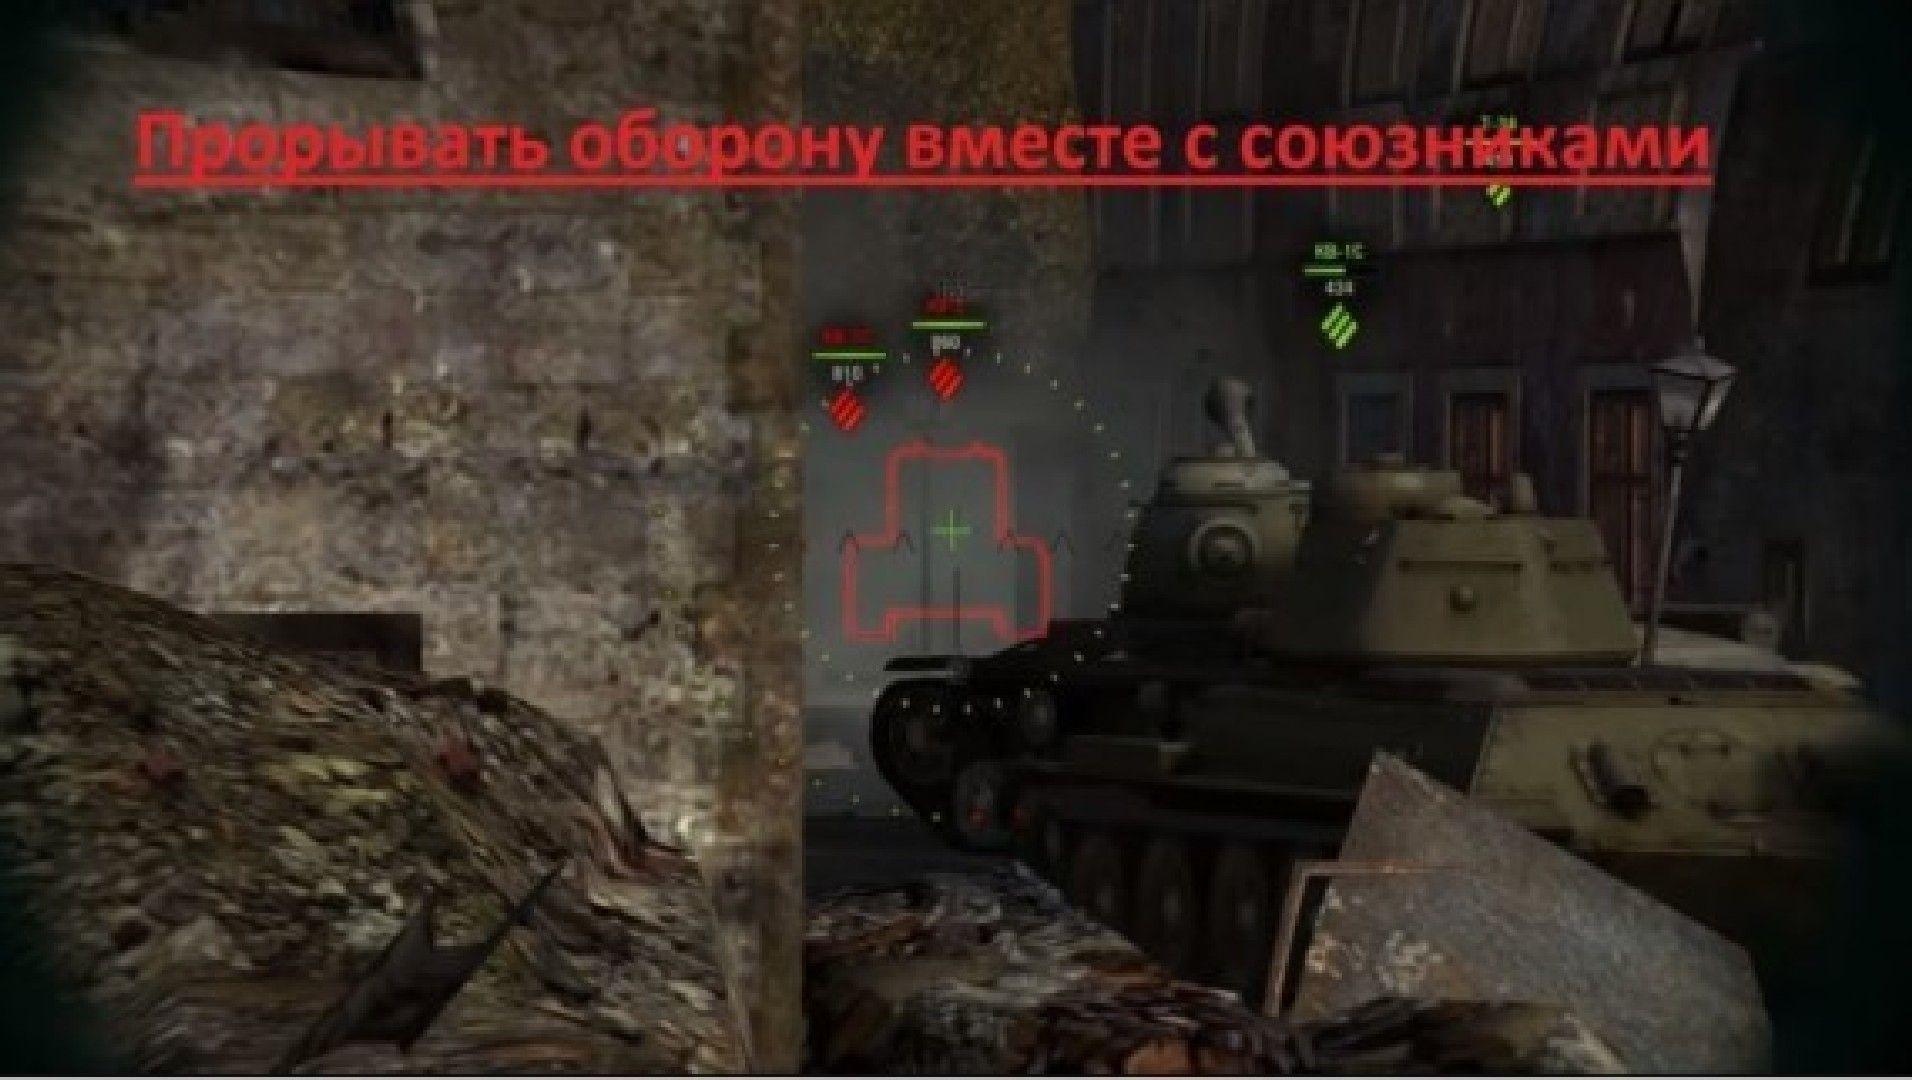 Прорывать оборону вместе с союзниками